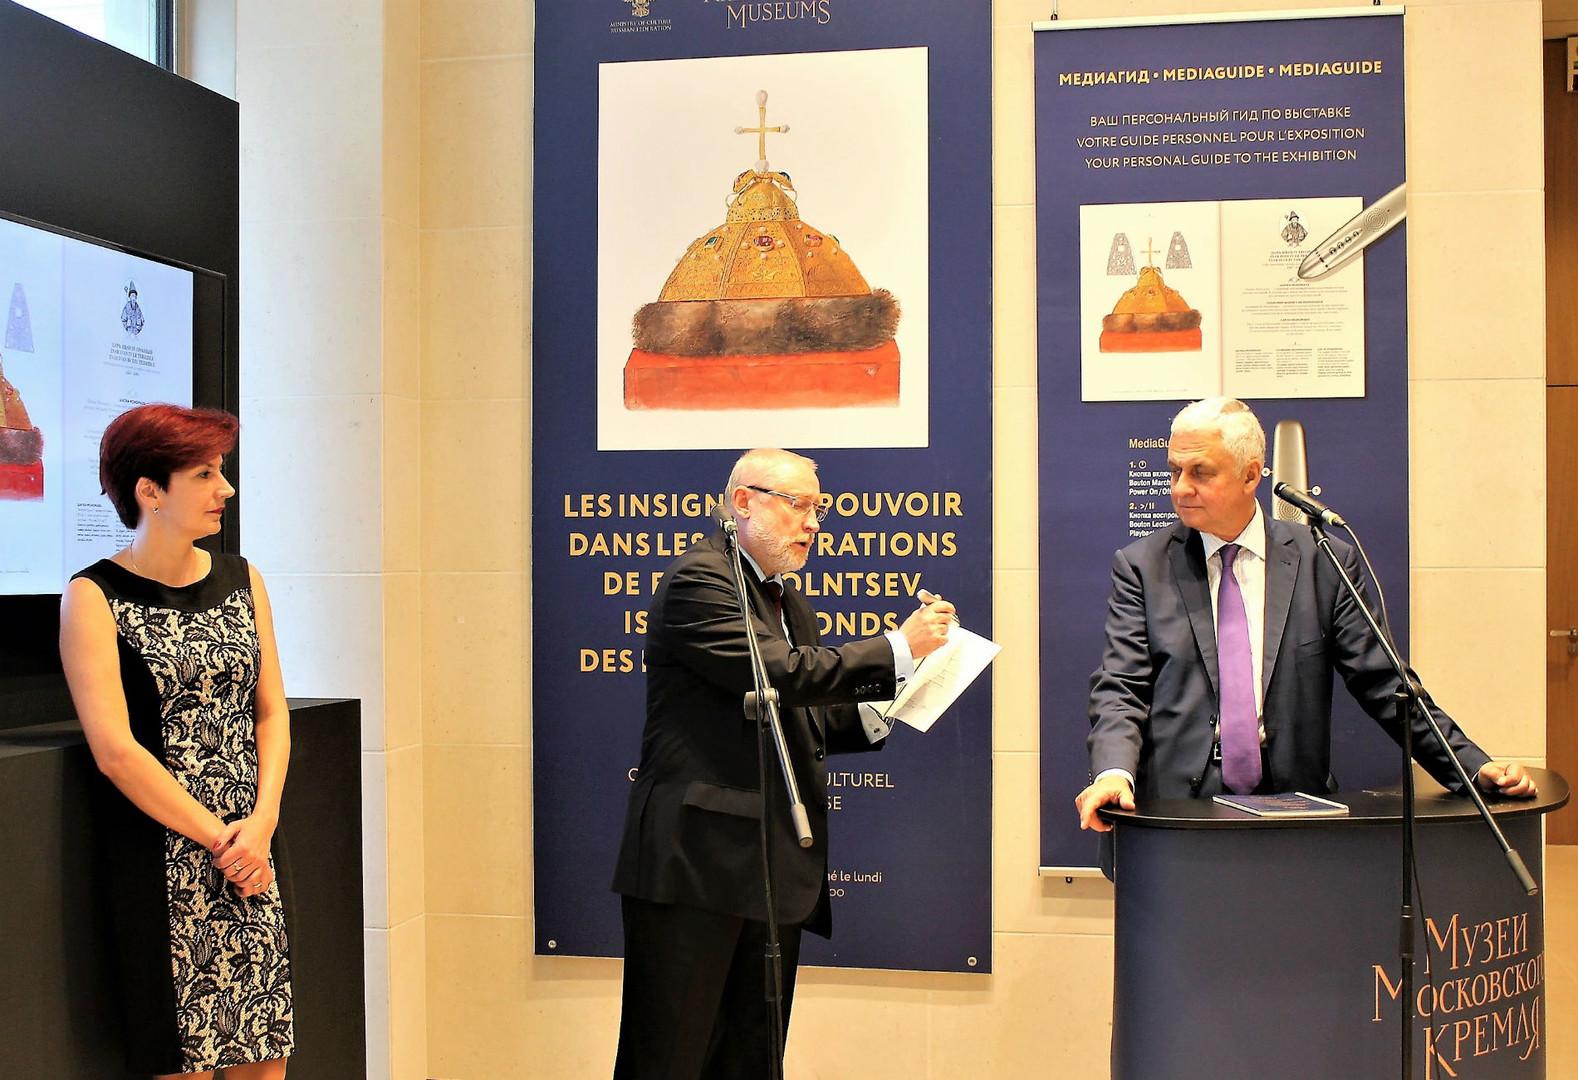 Ouverture de l'exposition par l'ambassadeur de Russie en France Alexandre Orlov, les représentants de l'édition Medialibr (concepteur du visite interactif) et des Musées du Kremlin de Moscou.